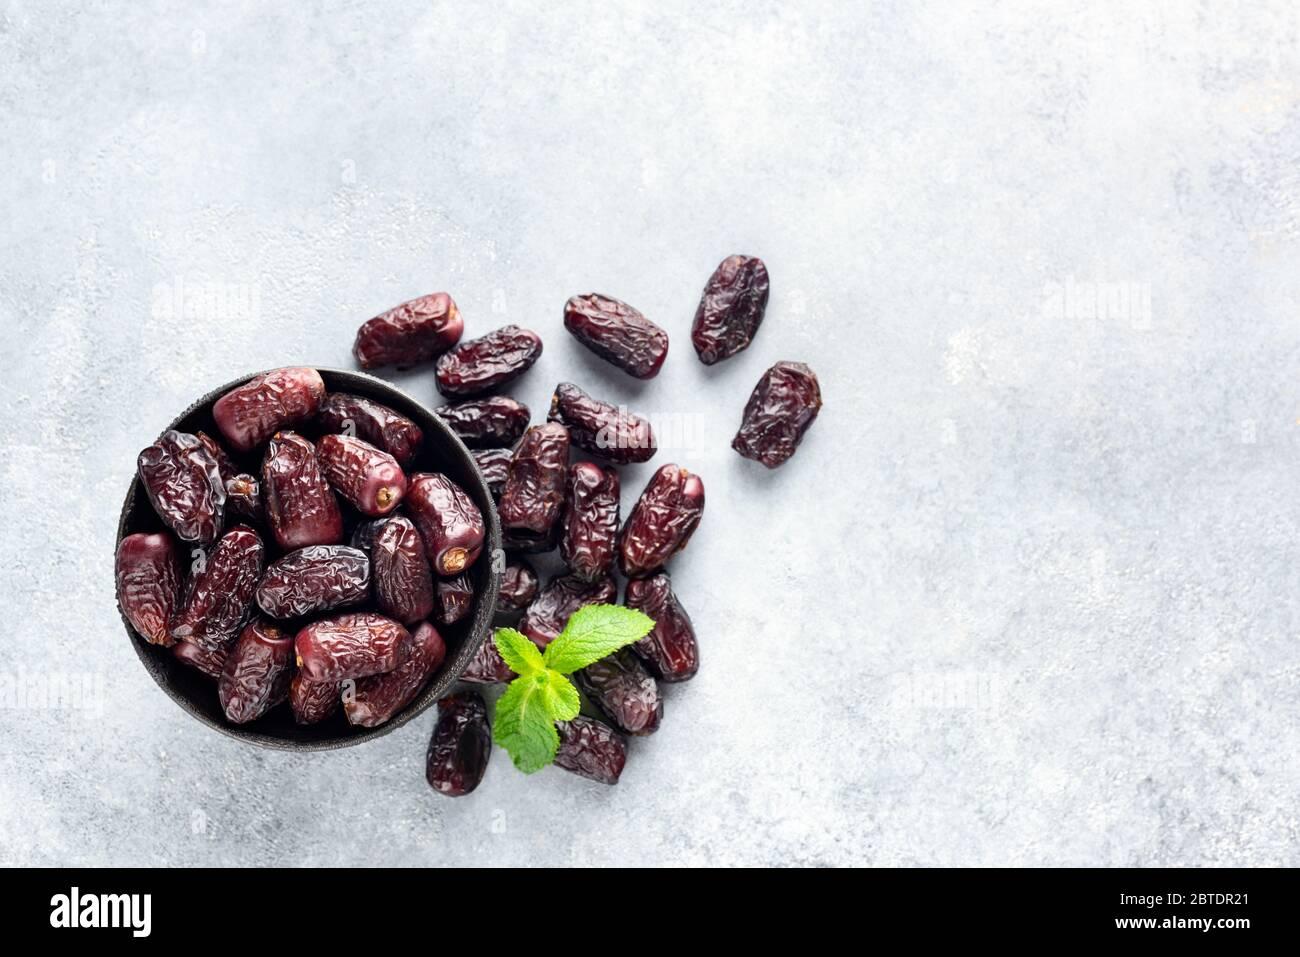 Datteri rossi secchi su cemento sfondo, tavolo Vista in alto Vegano sano frutta secca. Copia spazio per testo Foto Stock